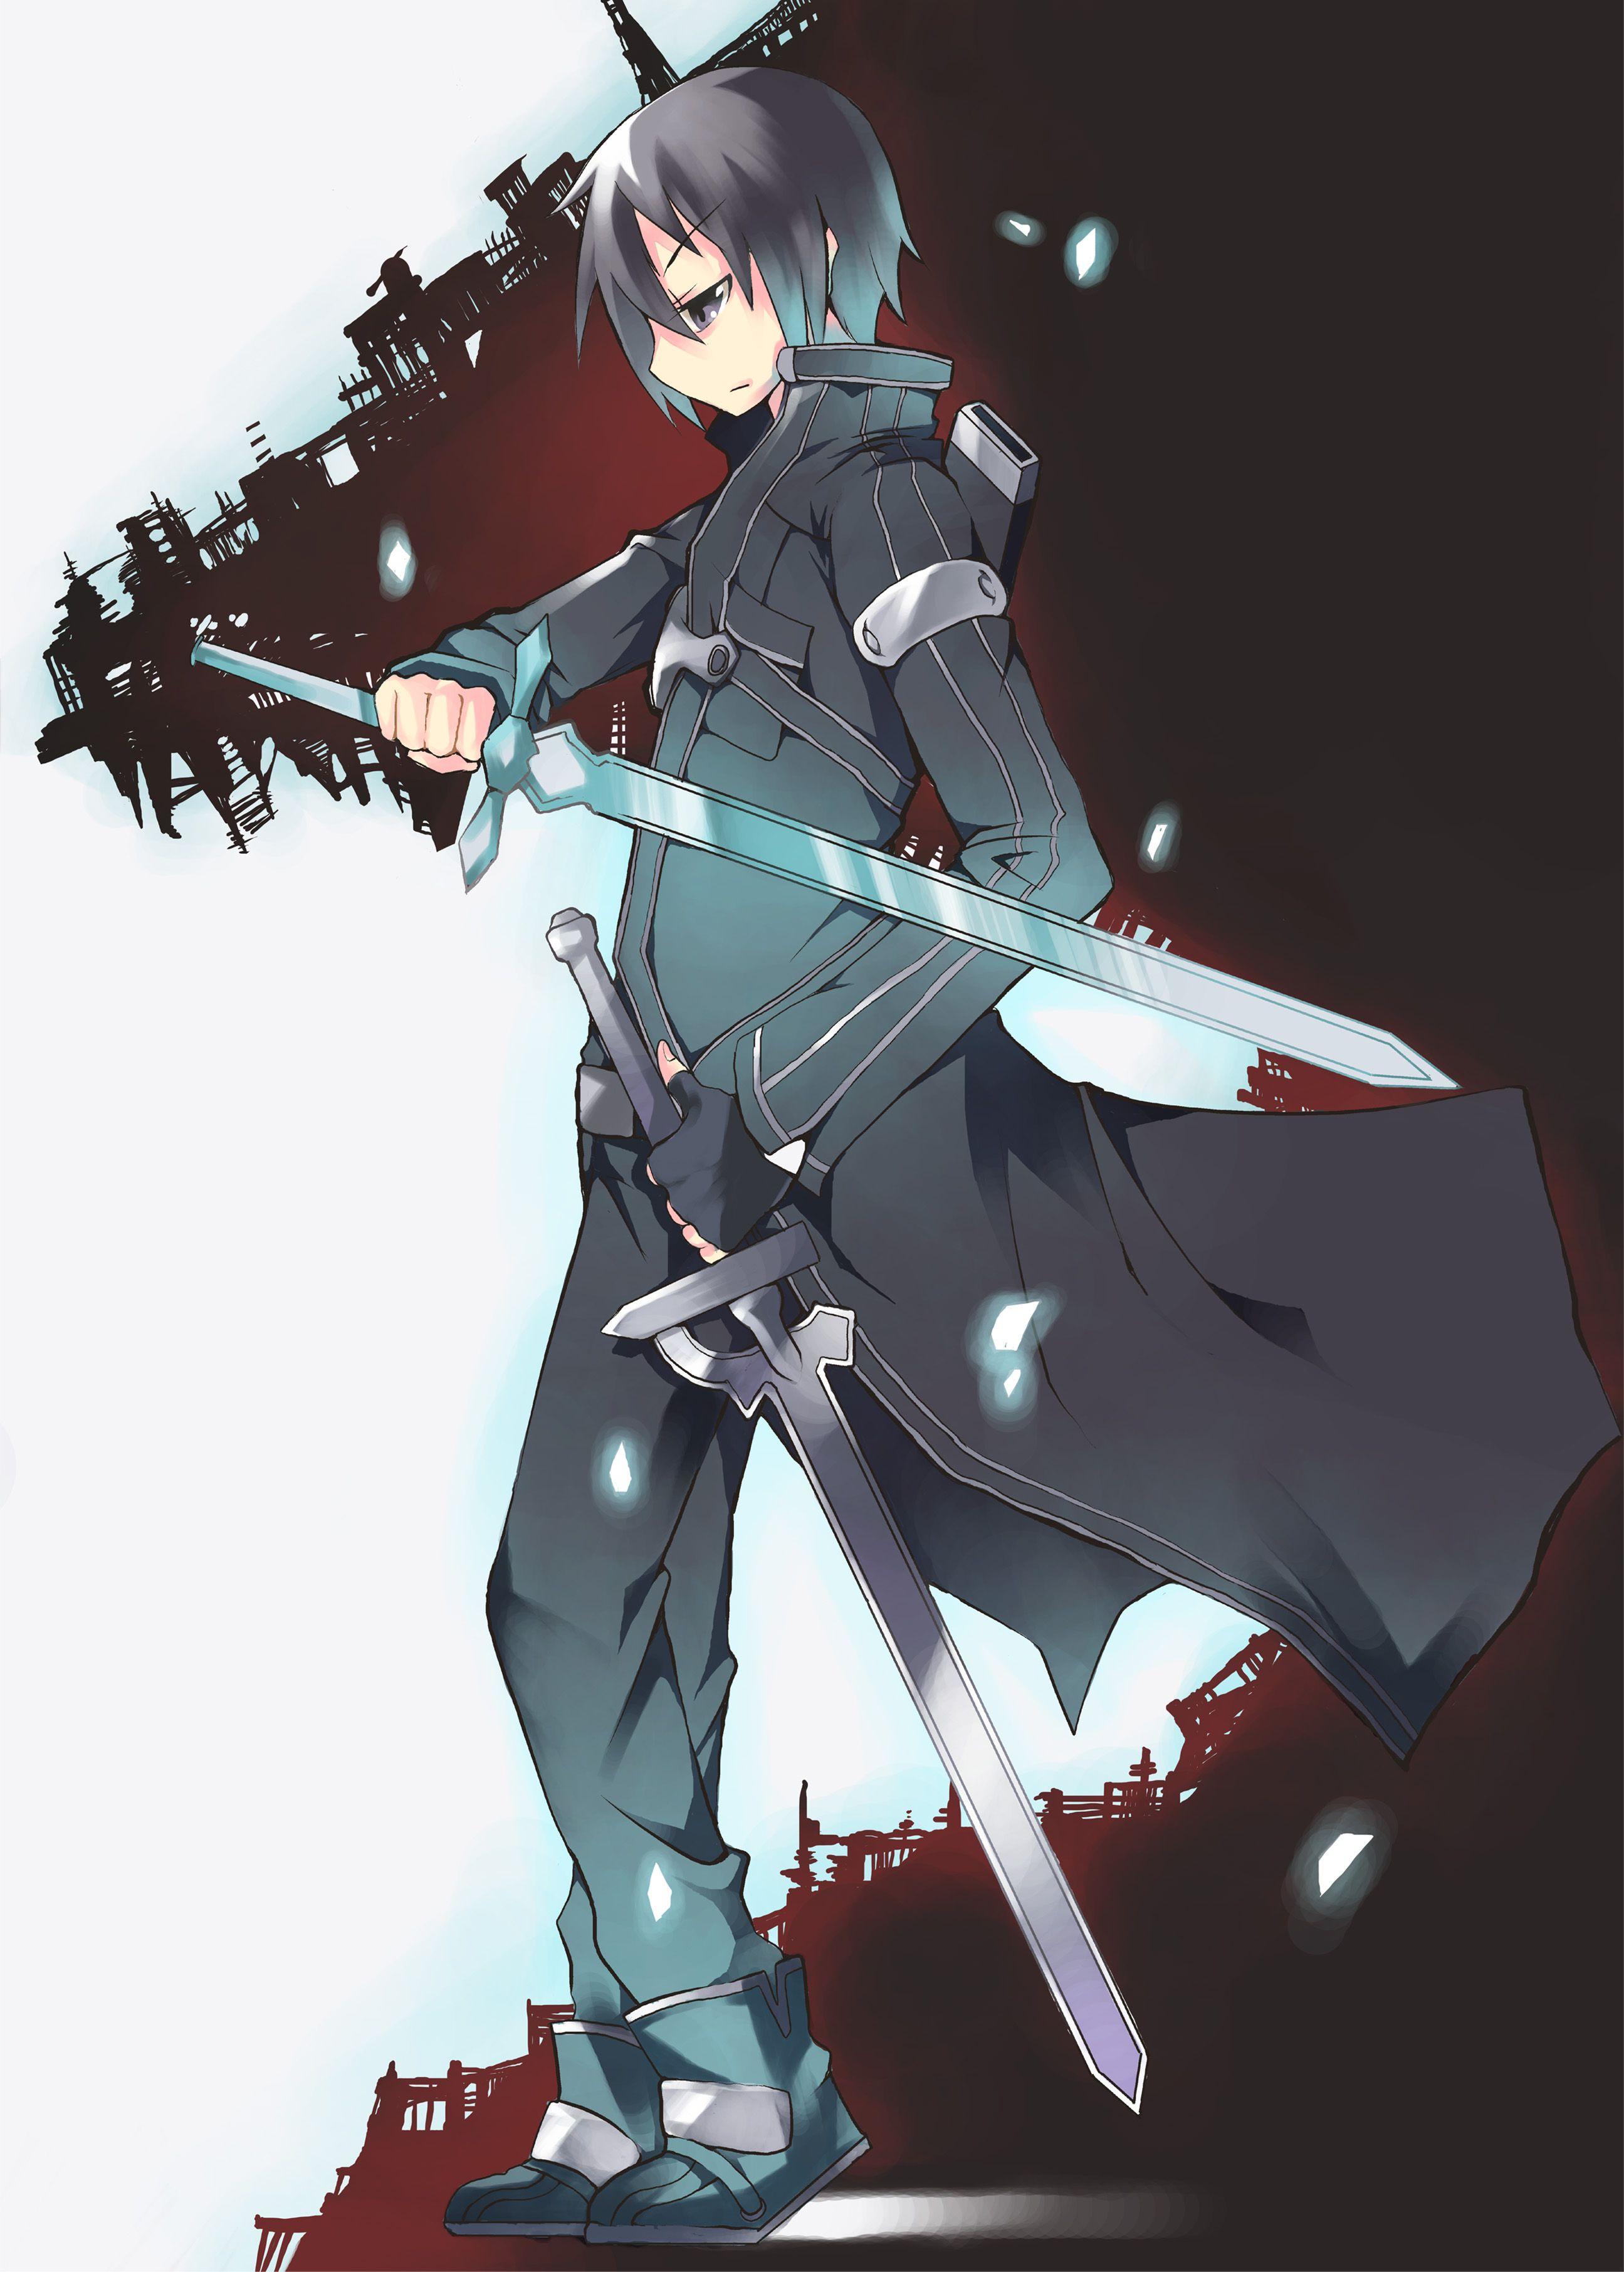 The Black Swordsman. Sword art online, Sword art, Online art